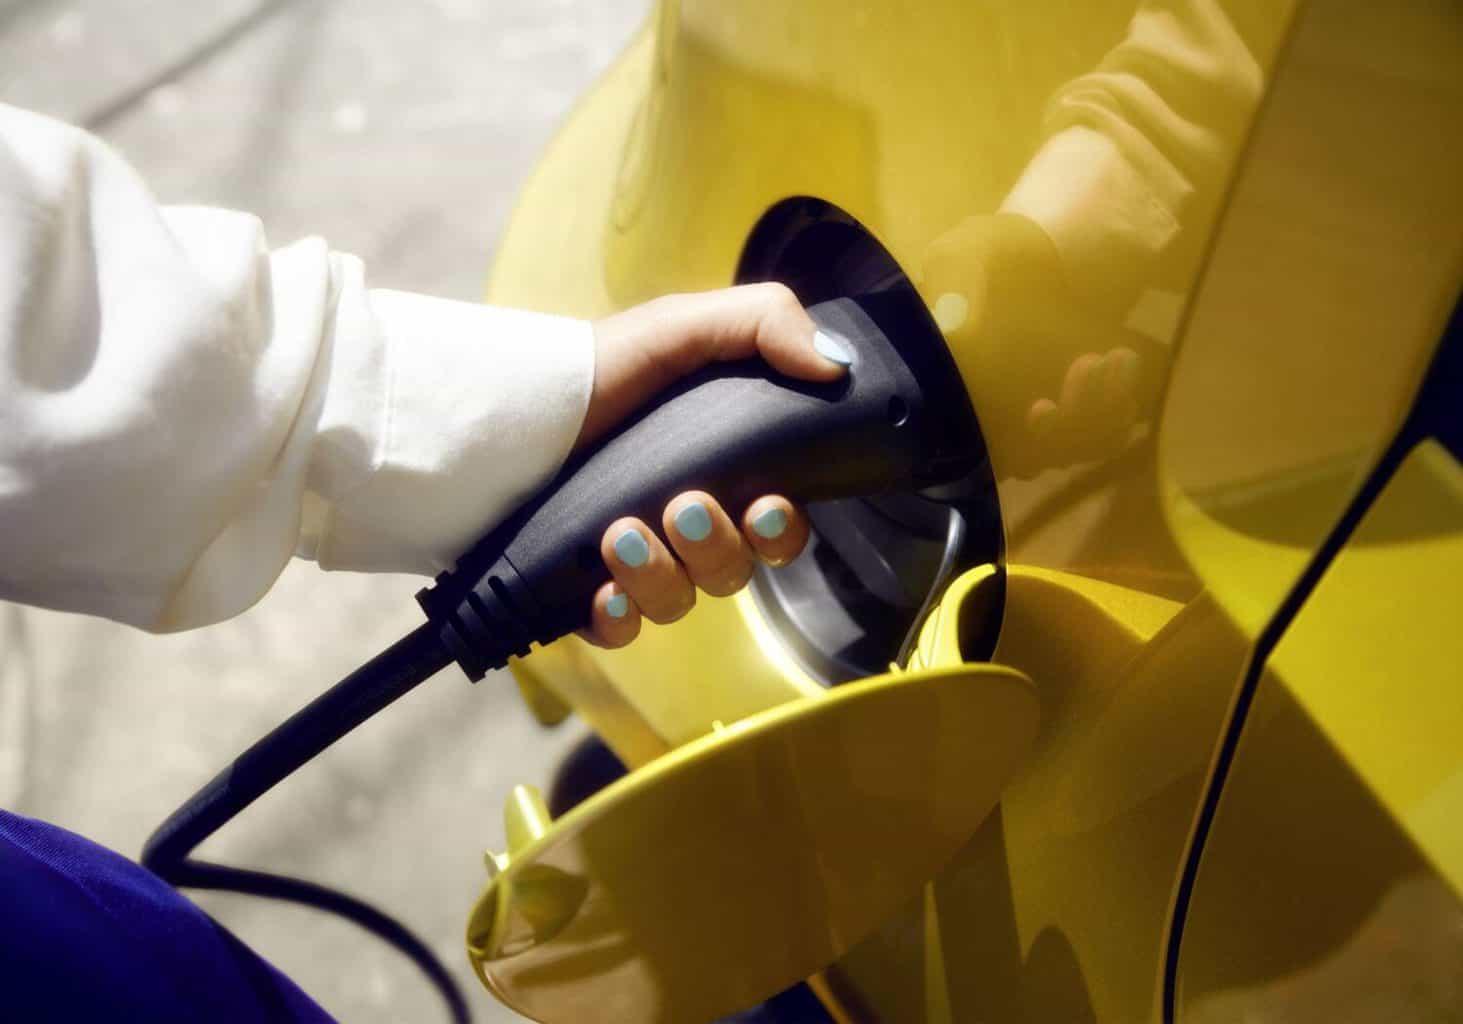 VW e-up! soll günstigen E-Mobilitäteinstieg ermöglichen